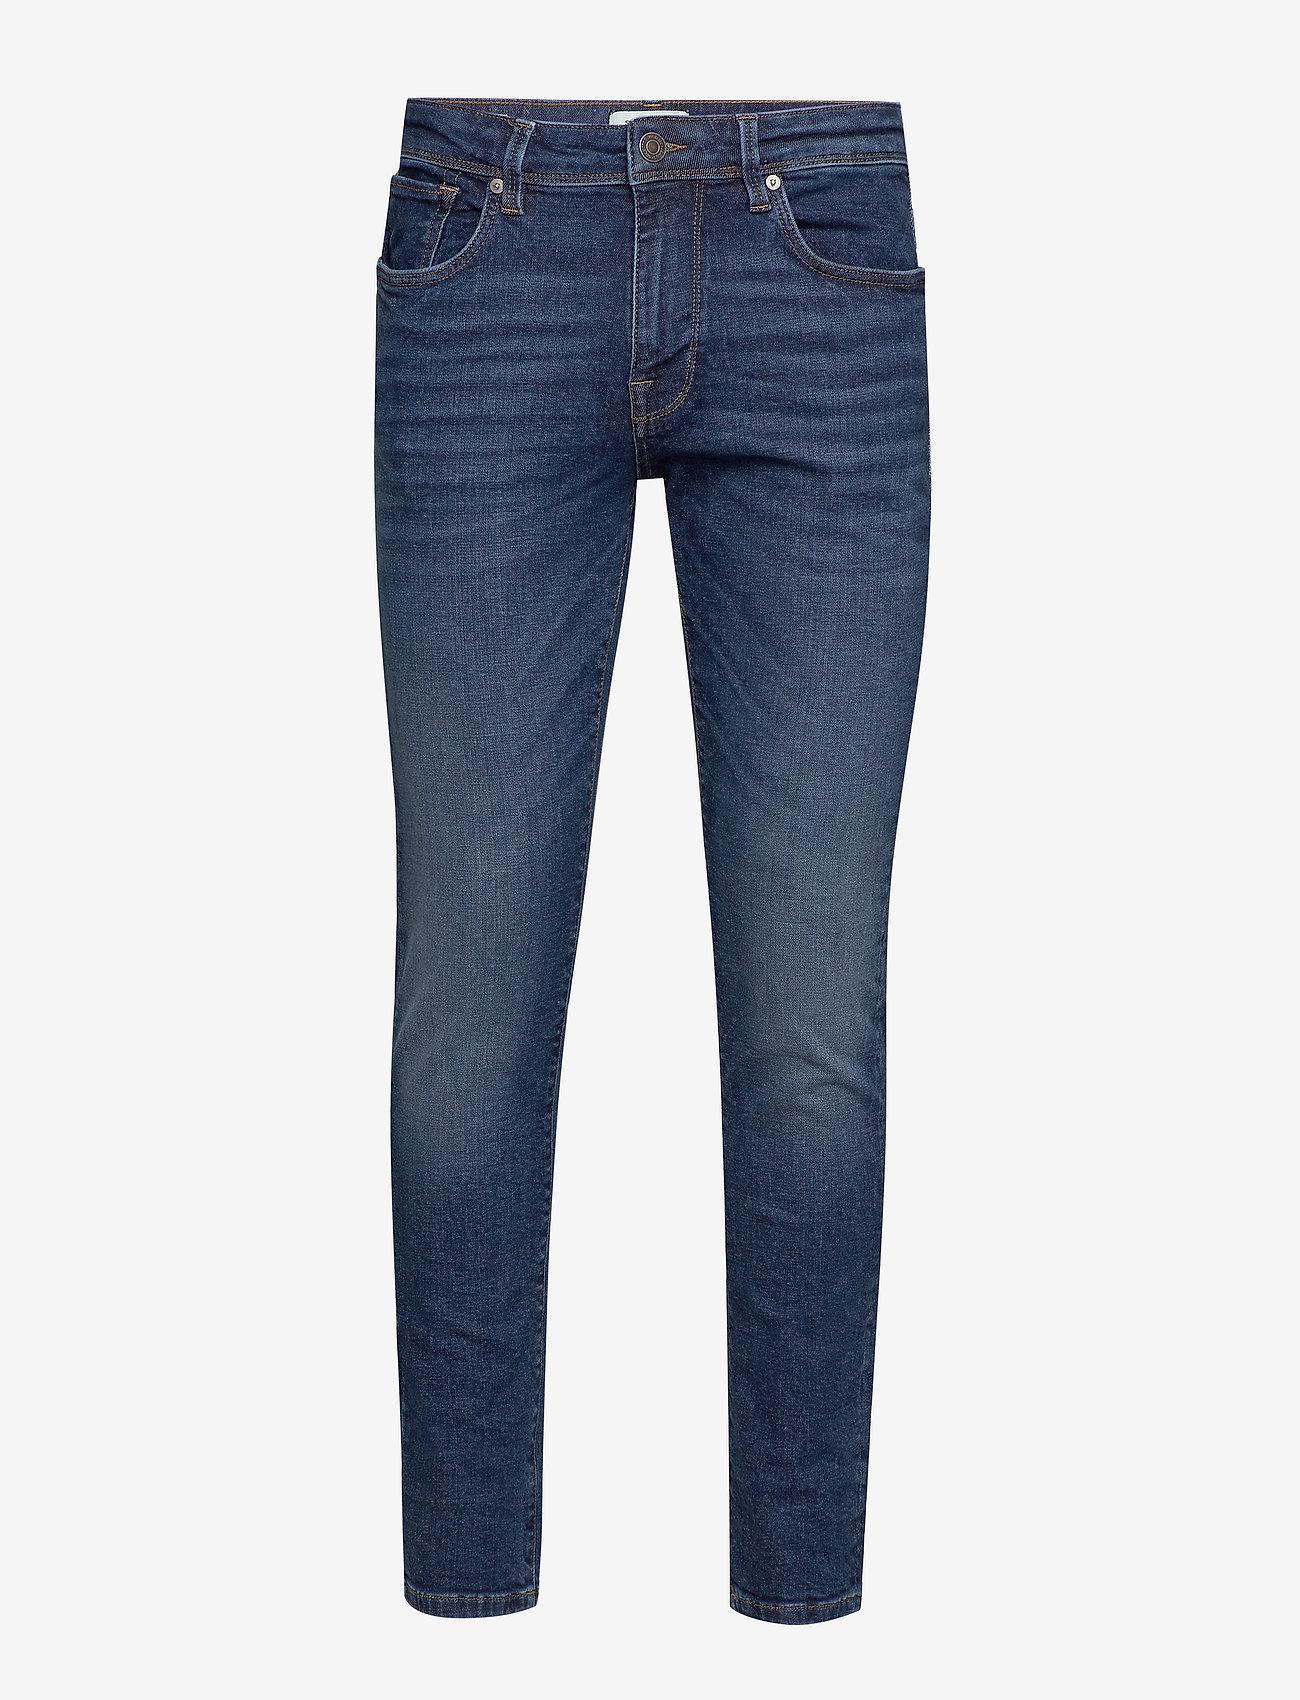 Selected Homme - SLHSLIM-LEON 6212 MB SUPER ST JNS J NOOS - slim jeans - medium blue denim - 0